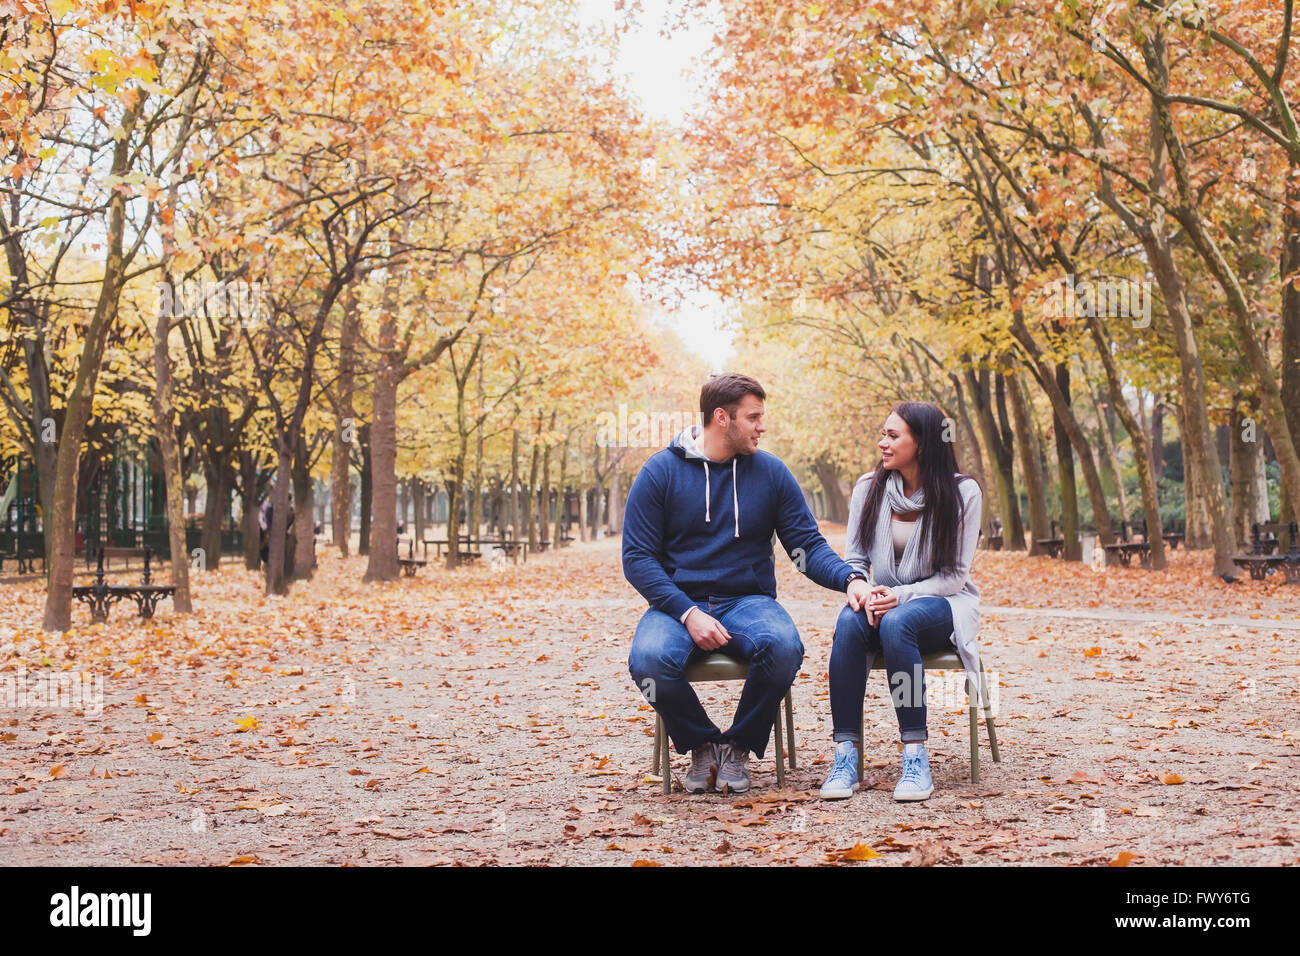 Relación entre el hombre y la mujer, la familia, el amor y el concepto de psicología dating Imagen De Stock